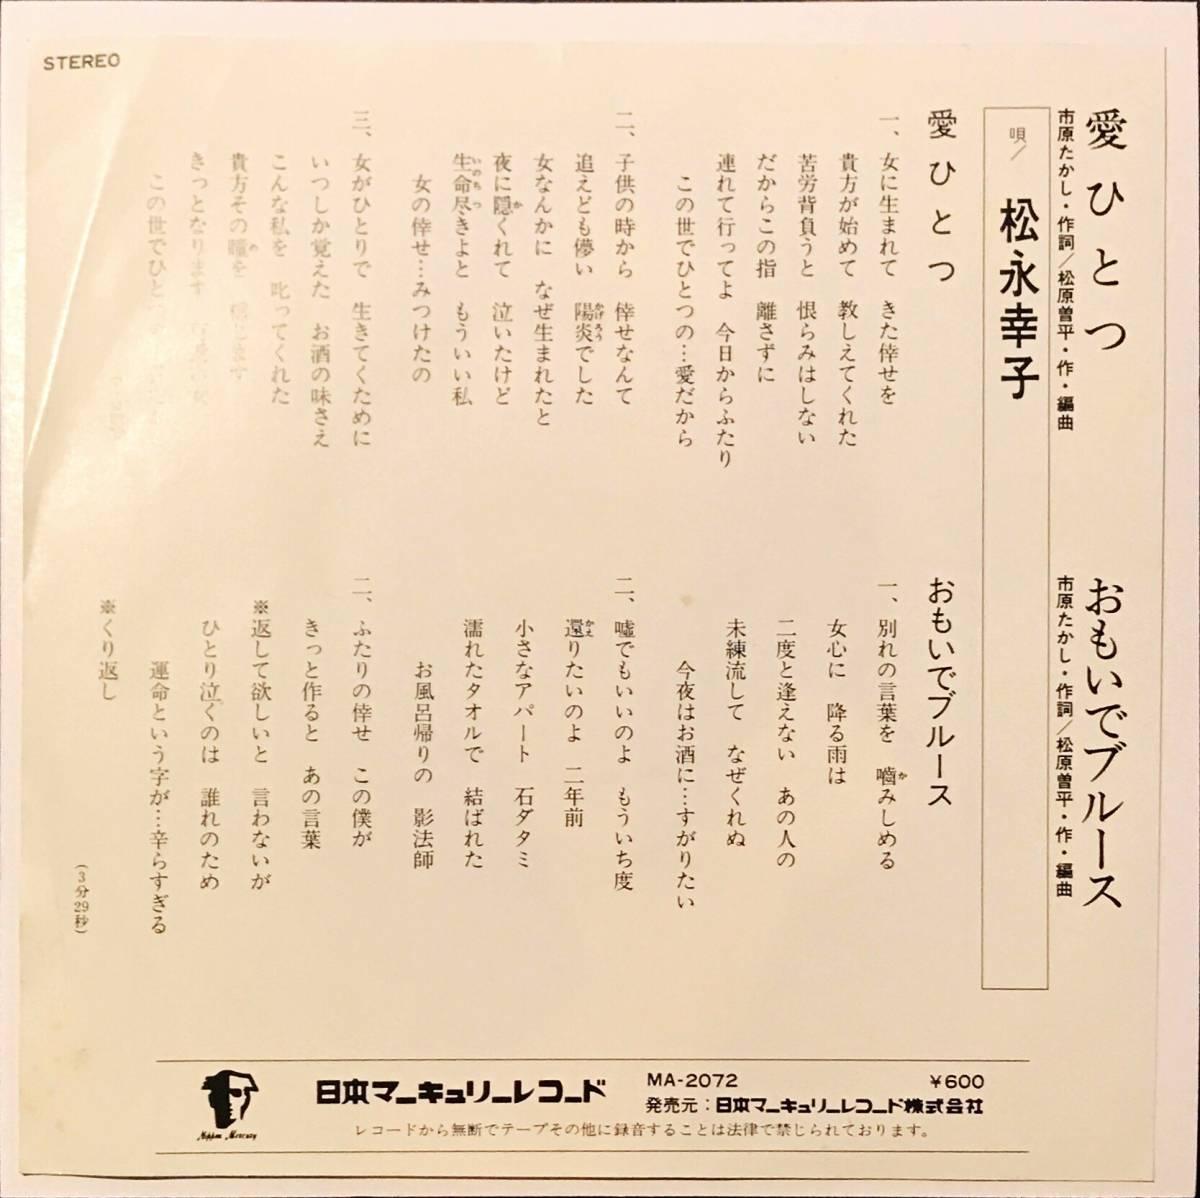 [試聴]和モノB級FUNK歌謡 松永幸子 // 愛ひとつ / おもいでブルース GROOVE [EP]ファンク 隠れマイナー盤レコード お酒ソング 7inch_画像2